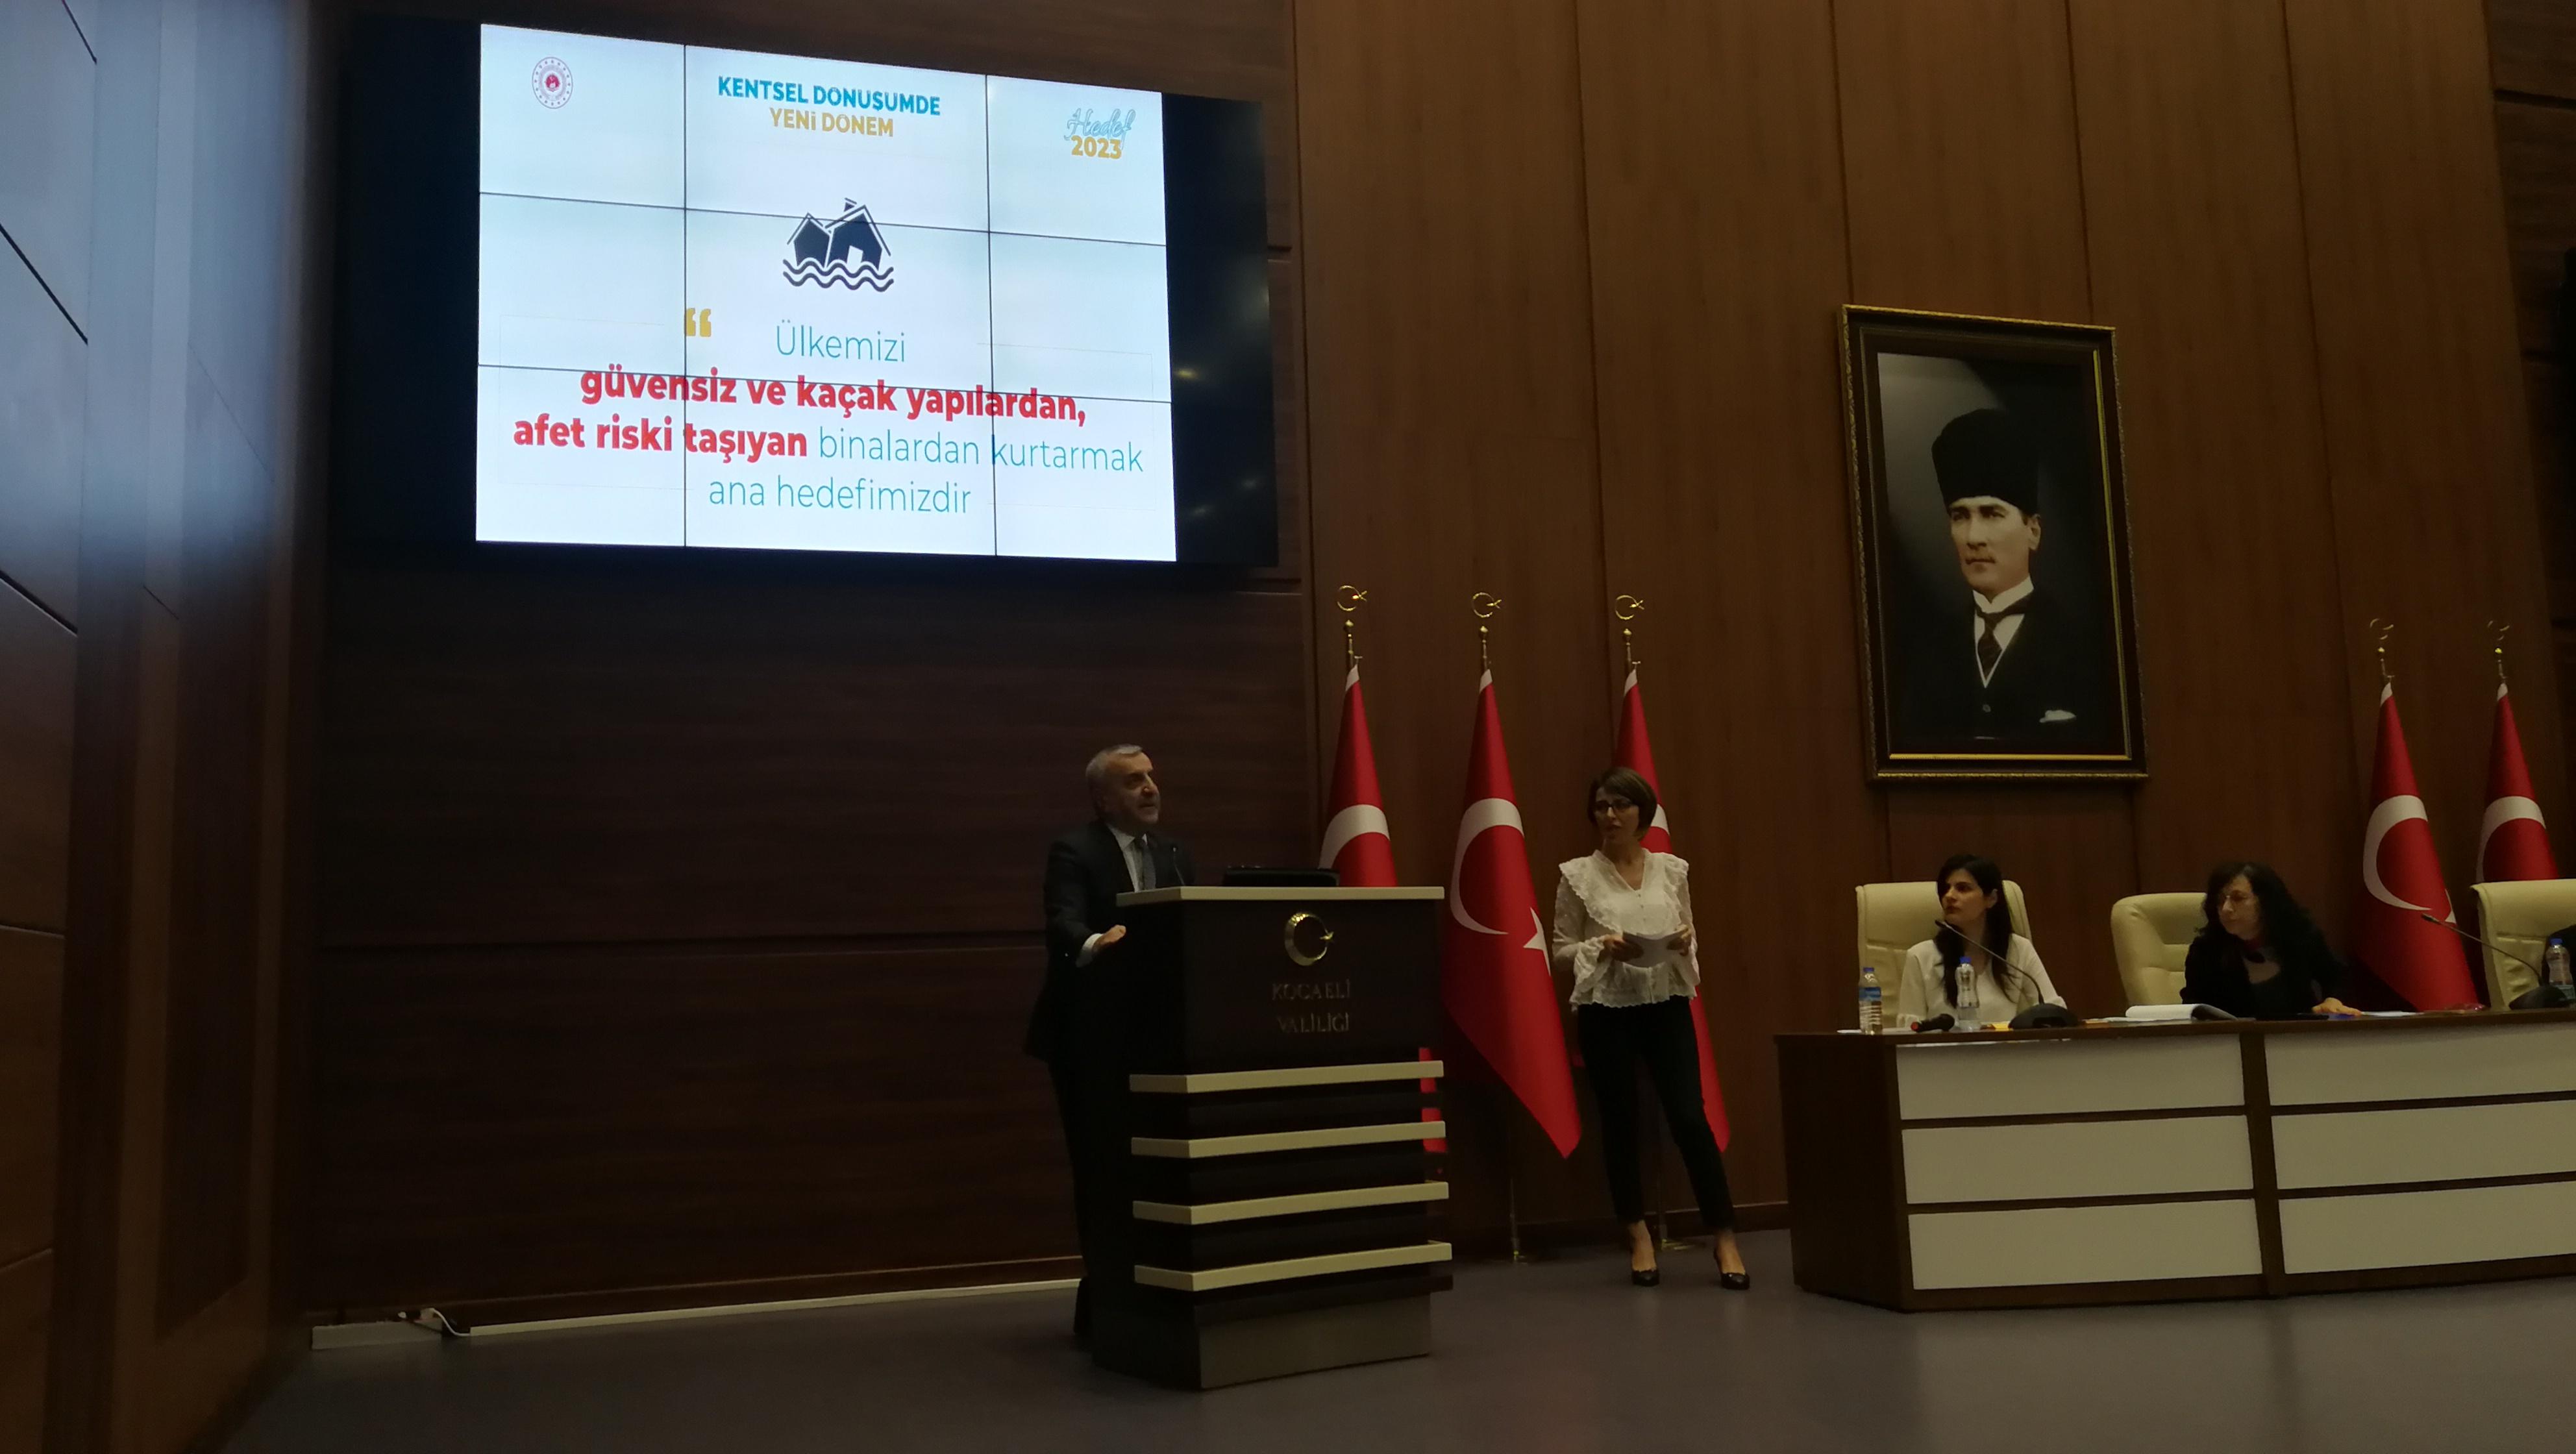 İlimiz Büyükşehir Belediye Başkanlığı ve İlçe Belediye Başkanlıkları ile Kentsel Dönüşümde Yeni Dönem Toplantısı yapıldı.